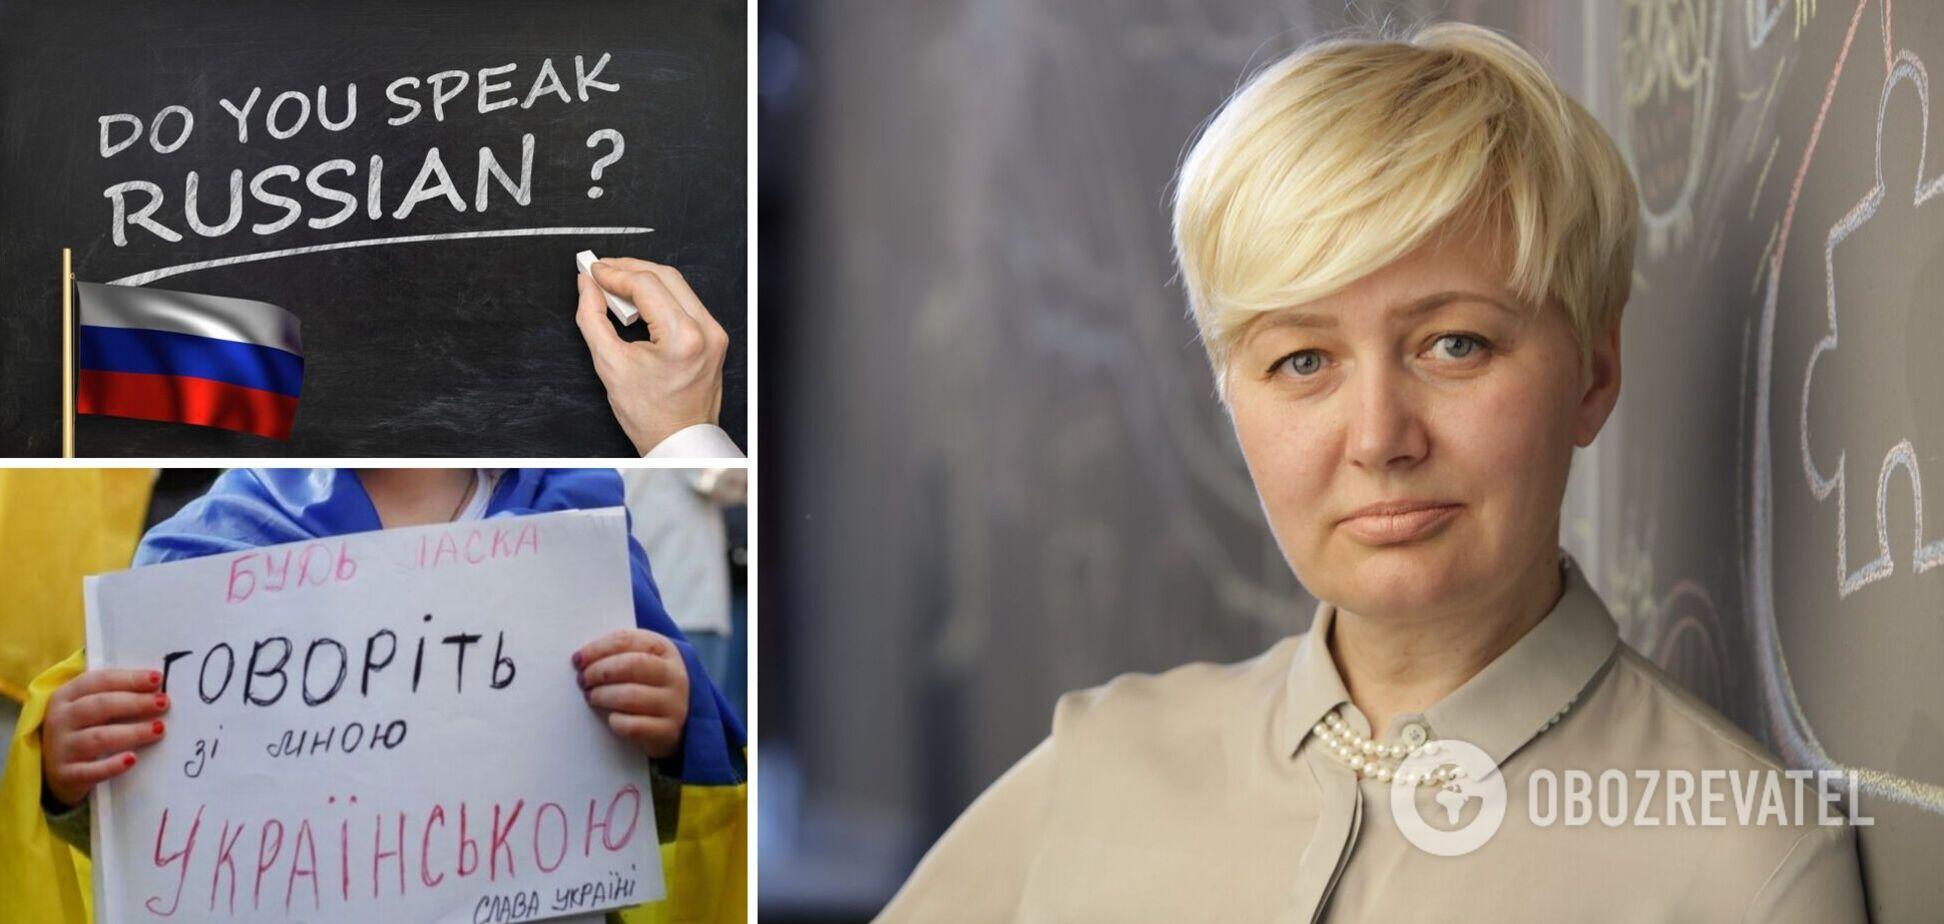 Ницой придумала новое название для русского языка и рассказала о 'волшебном пенделе'. Видео